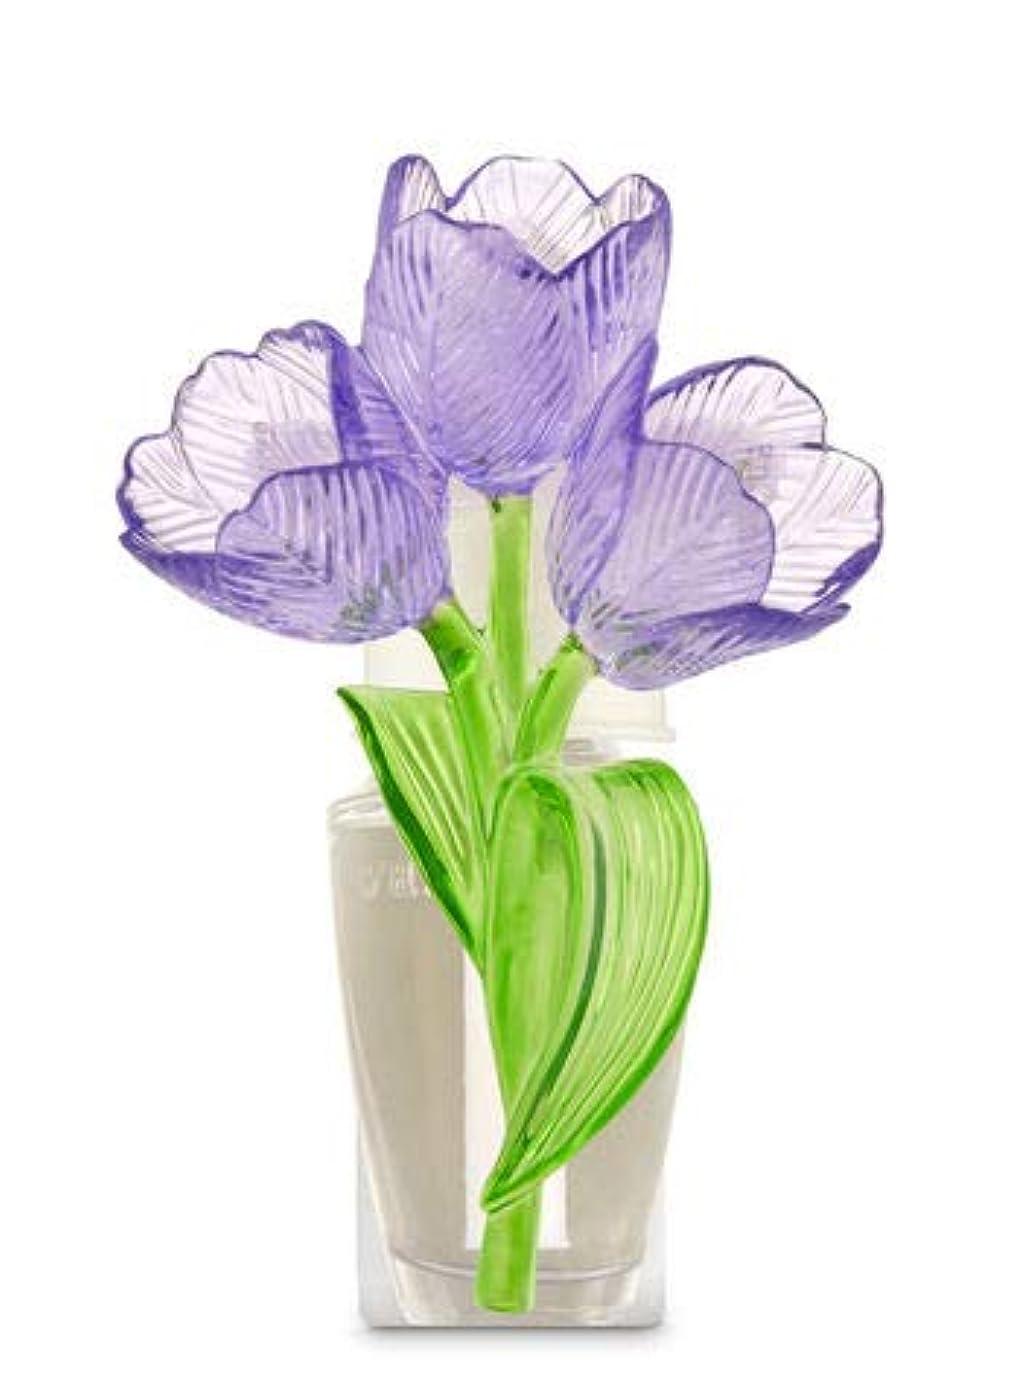 侵略シルエットデザイナー【Bath&Body Works/バス&ボディワークス】 ルームフレグランス プラグインスターター (本体のみ) チューリップ ナイトライト Wallflowers Fragrance Plug Tulips Night Light [並行輸入品]